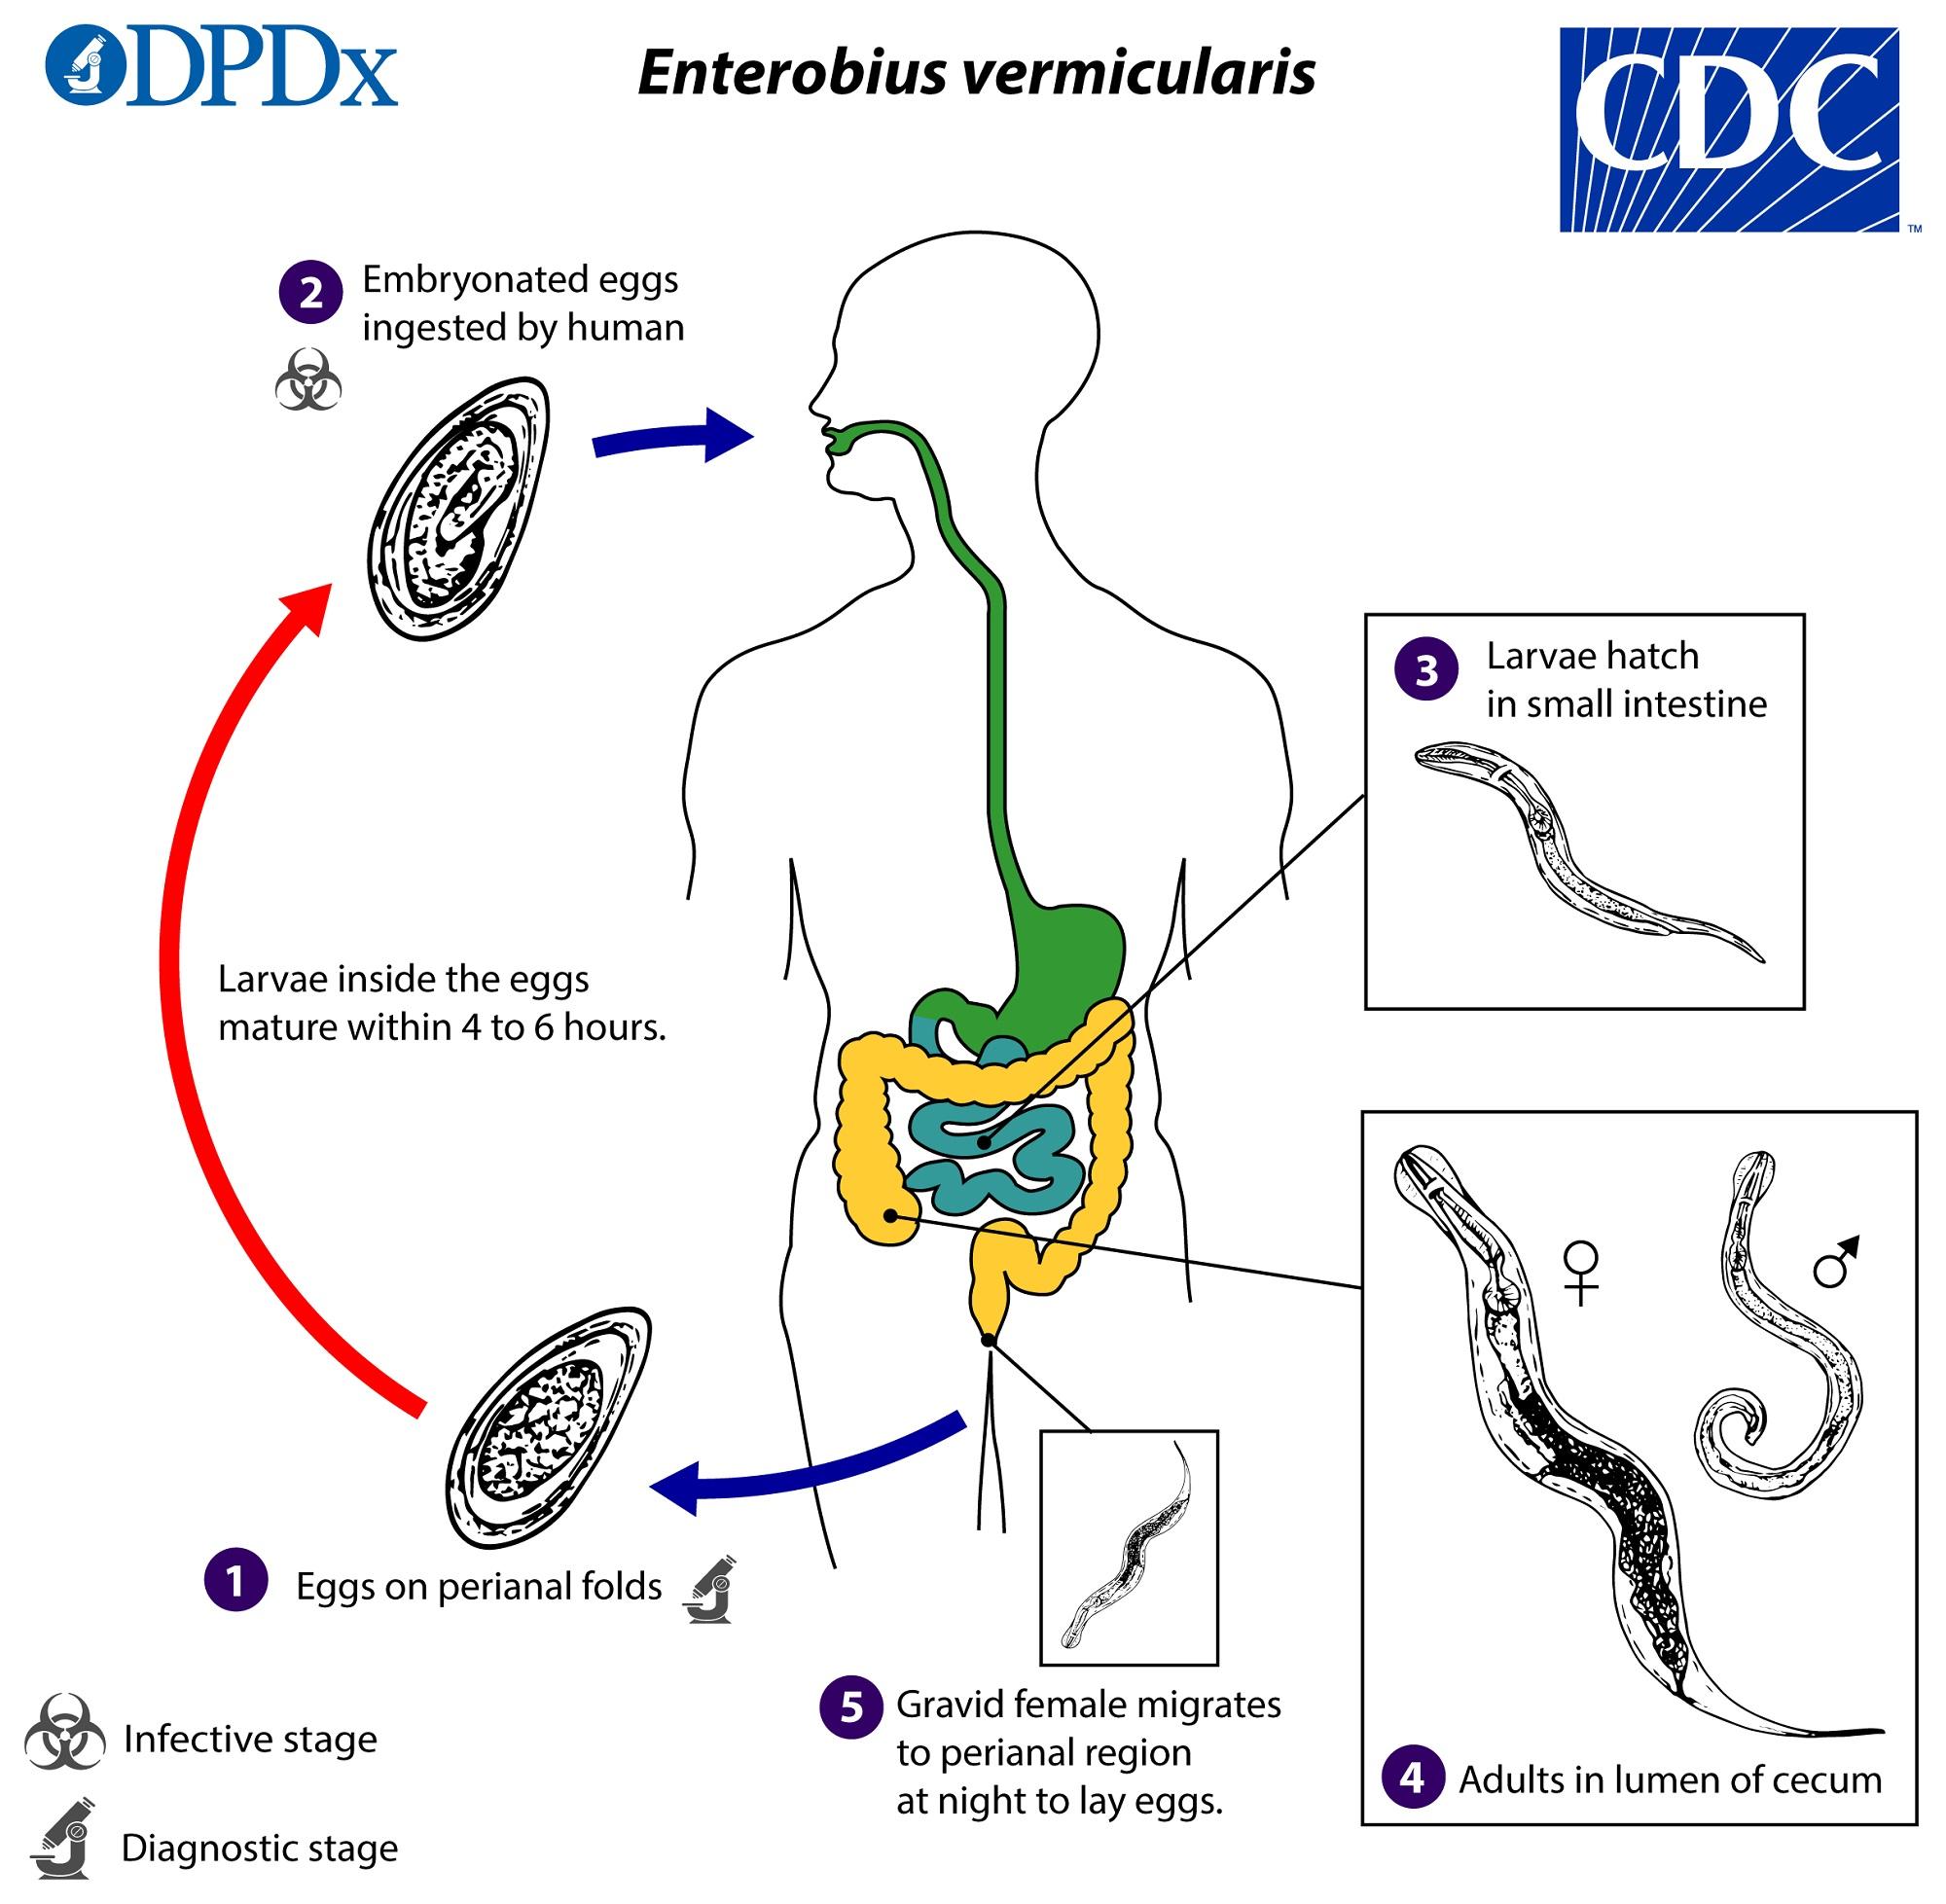 Az enterobiosis egy betegség. A Magyarországon előforduló féregfertőzések